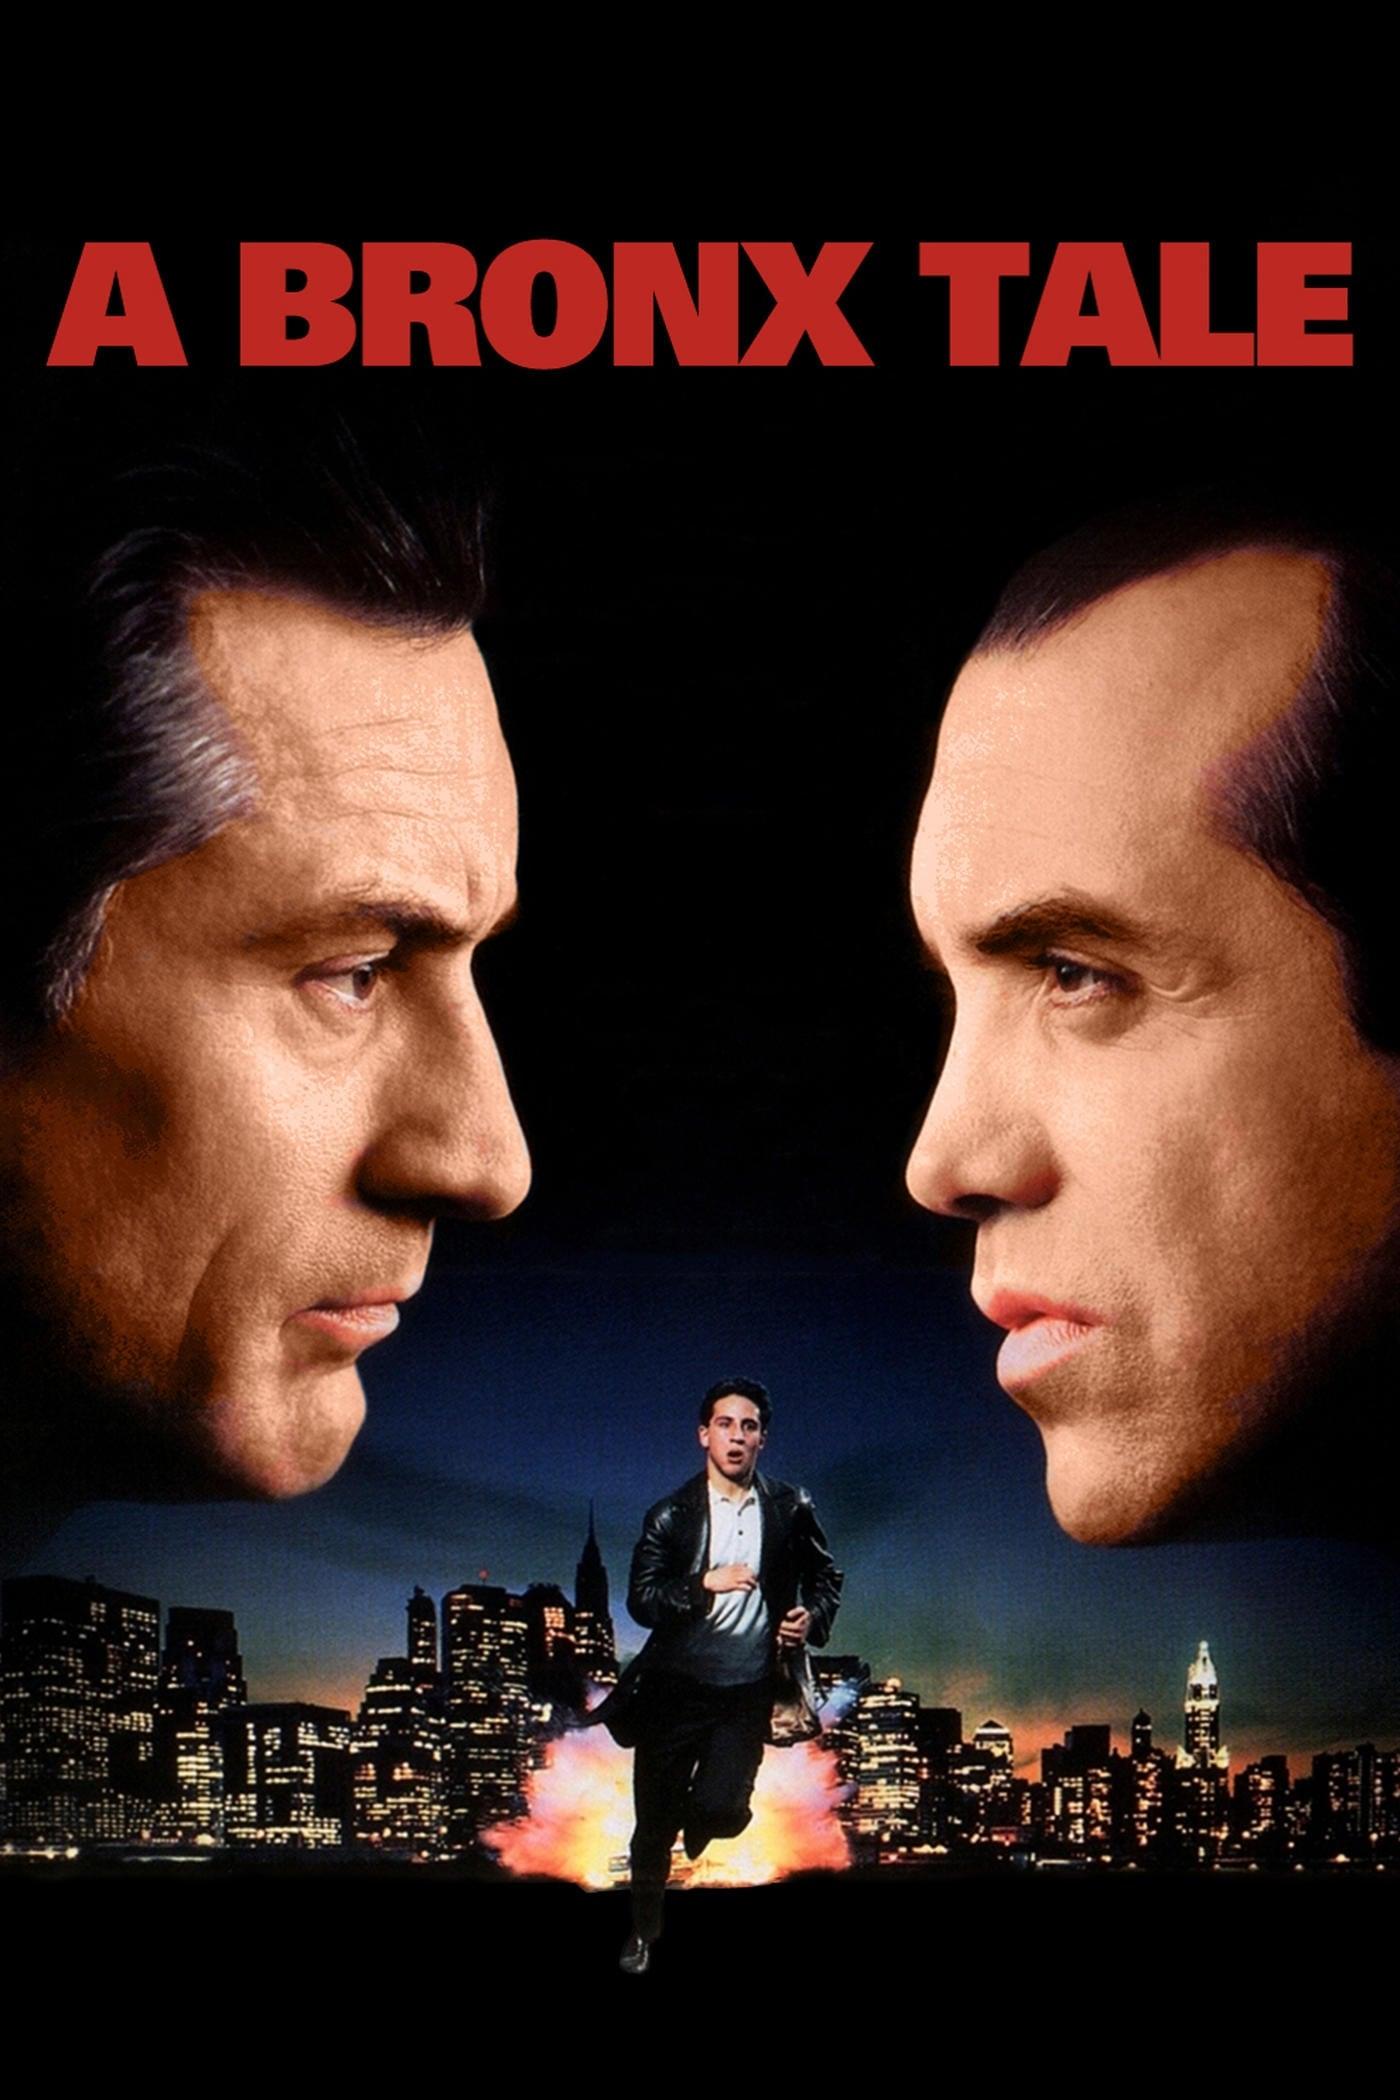 ბრონქსული ამბავი / A Bronx Tale ( ქართულად )